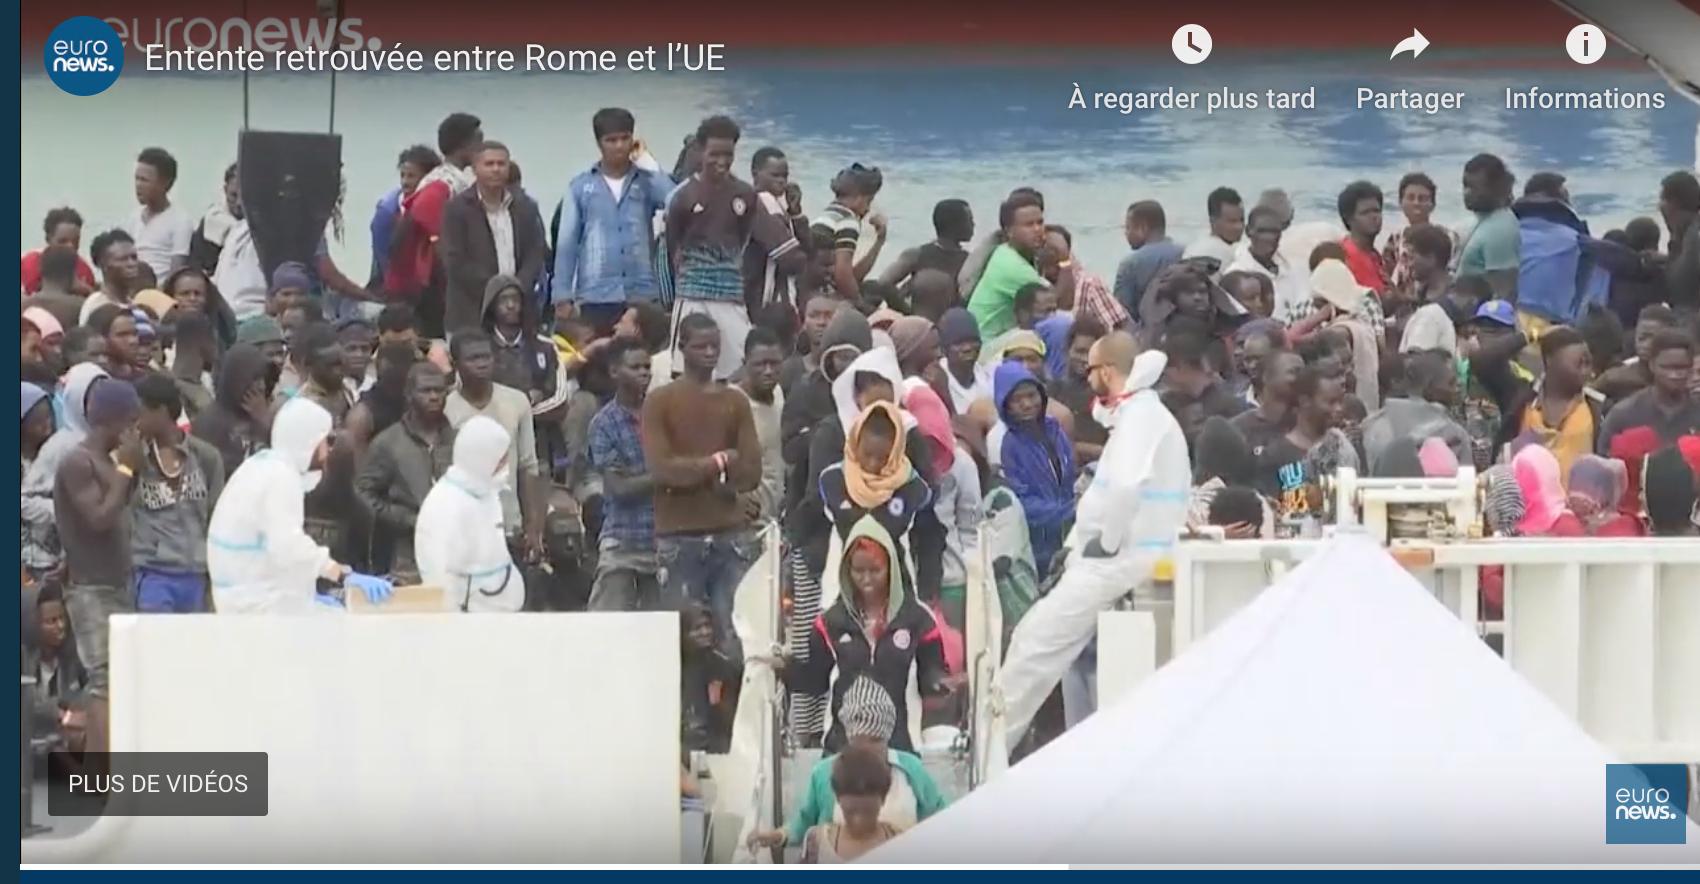 Italie : des migrants en échange de l'argent européen ? La brebis égarée Conte dans l'antre de la bête